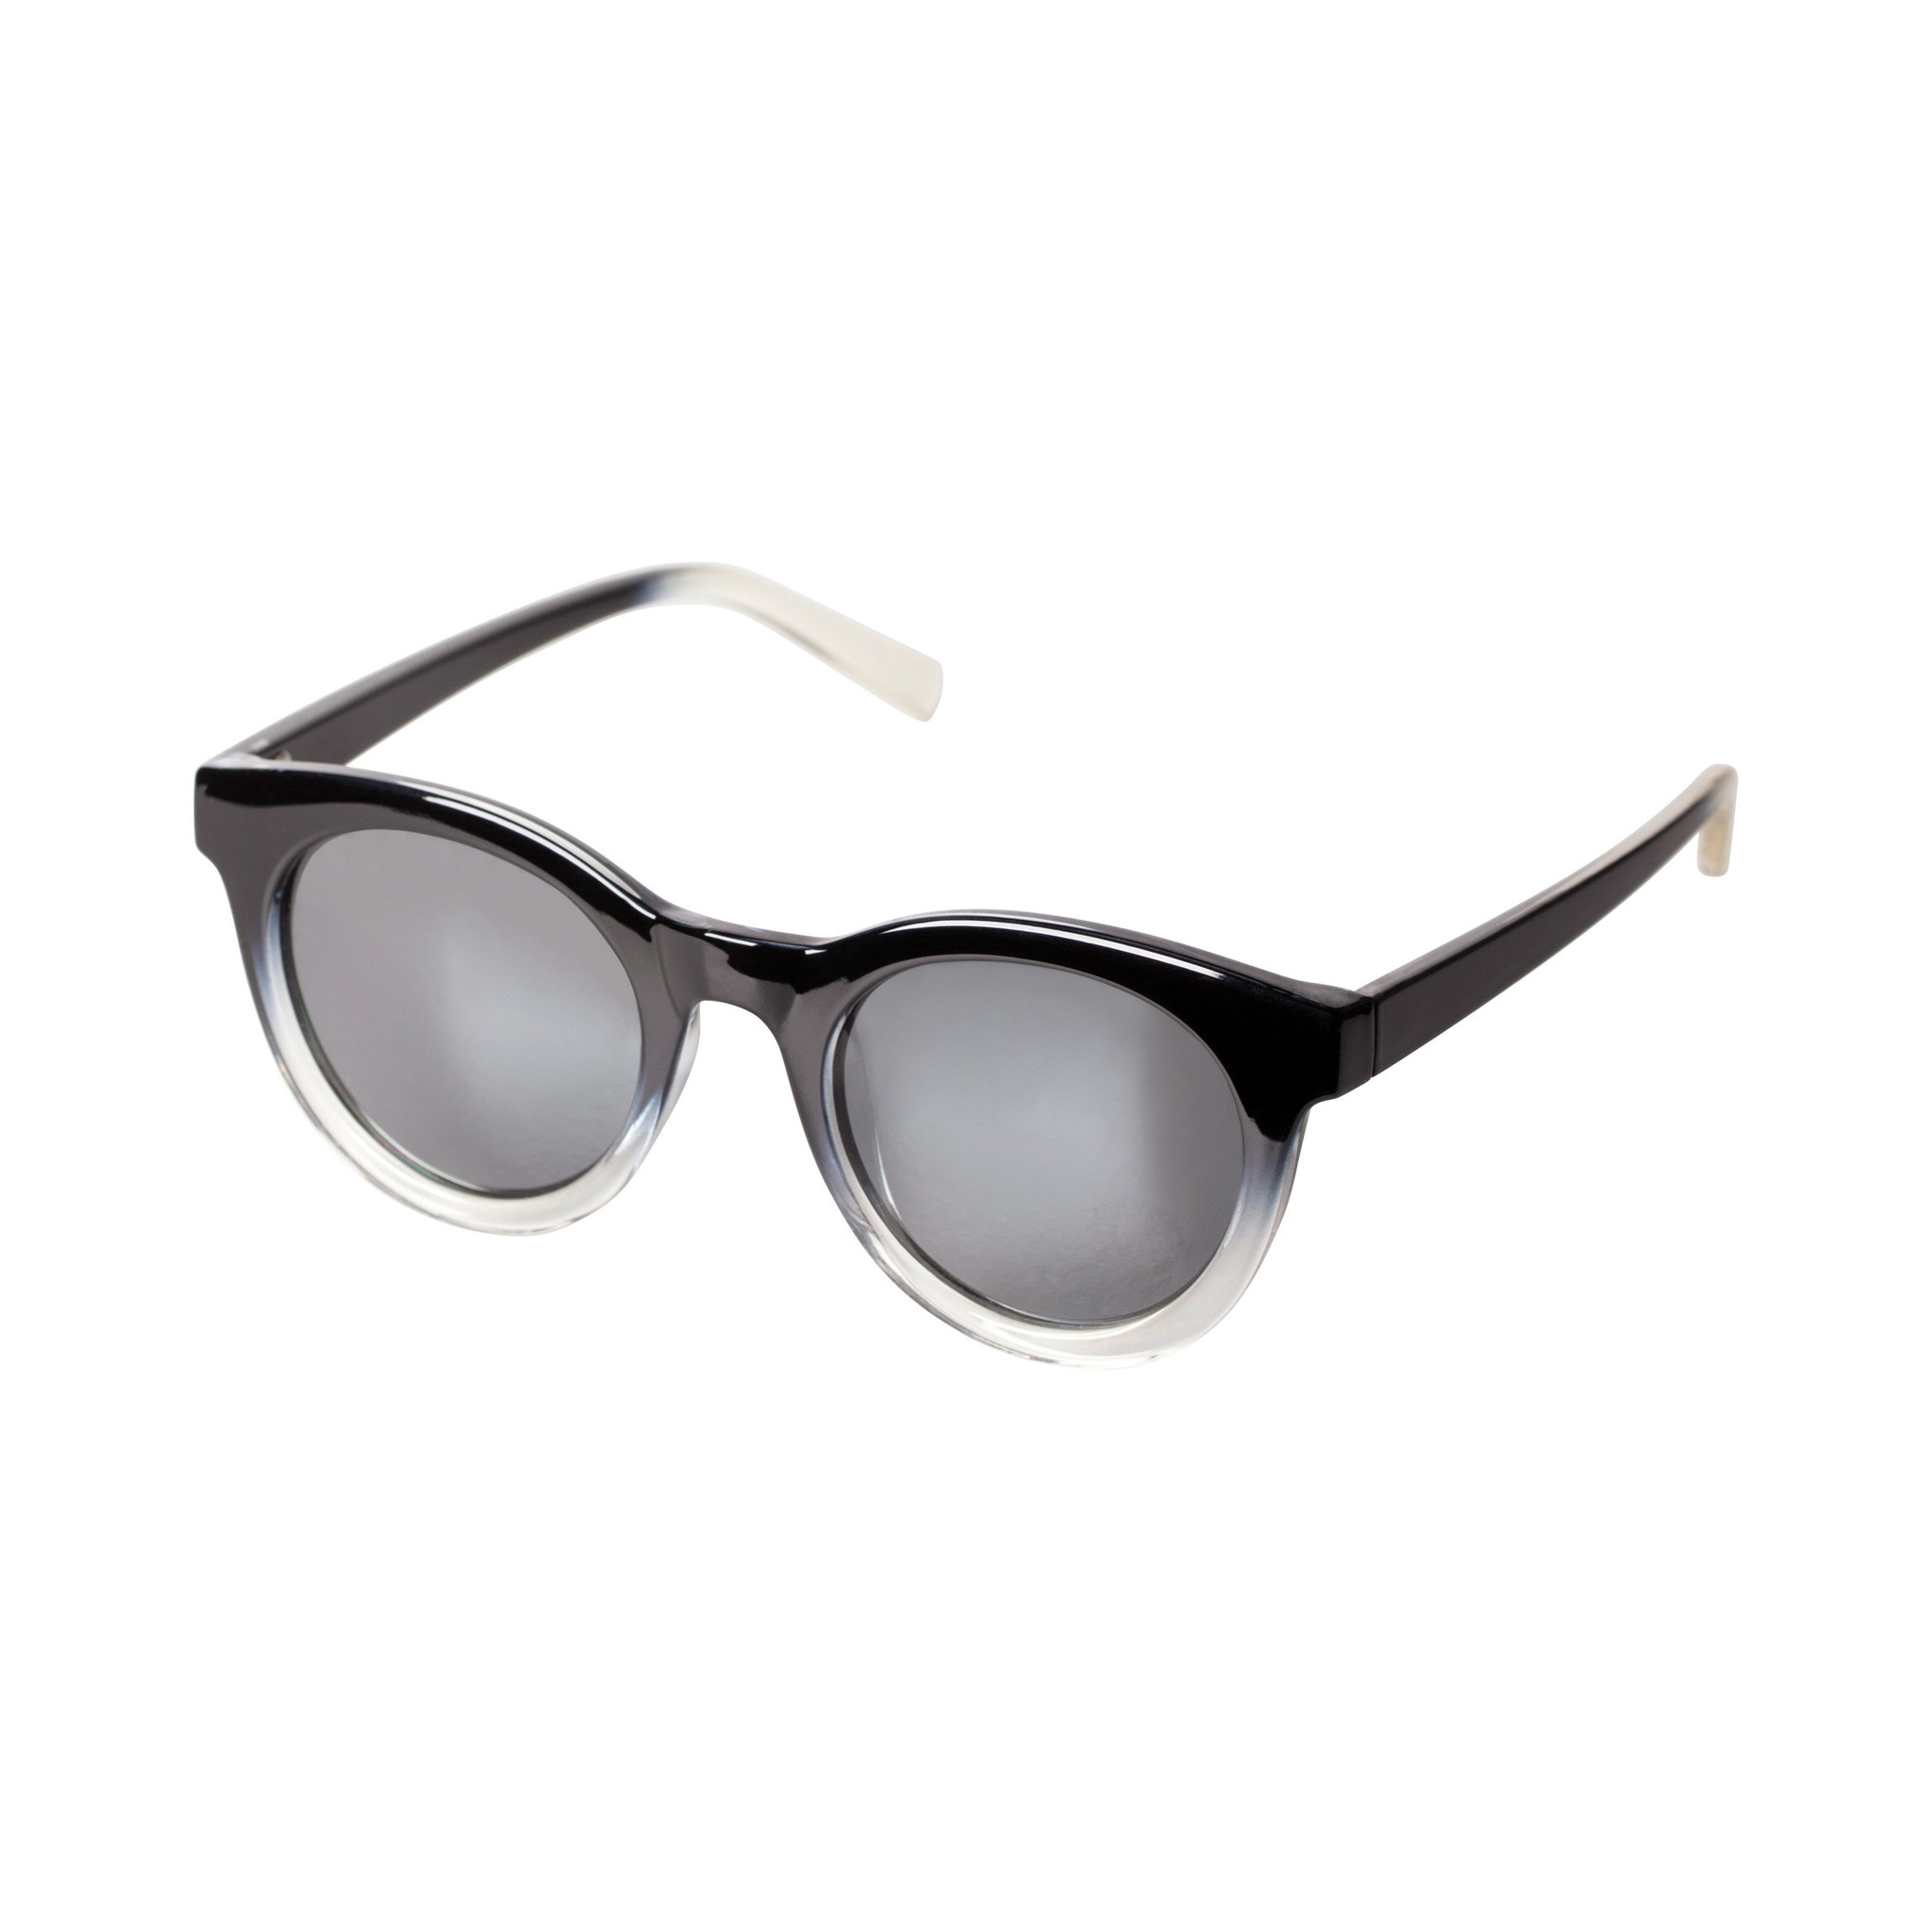 Pilgrim Sunglasses Tamara Black - 752010109